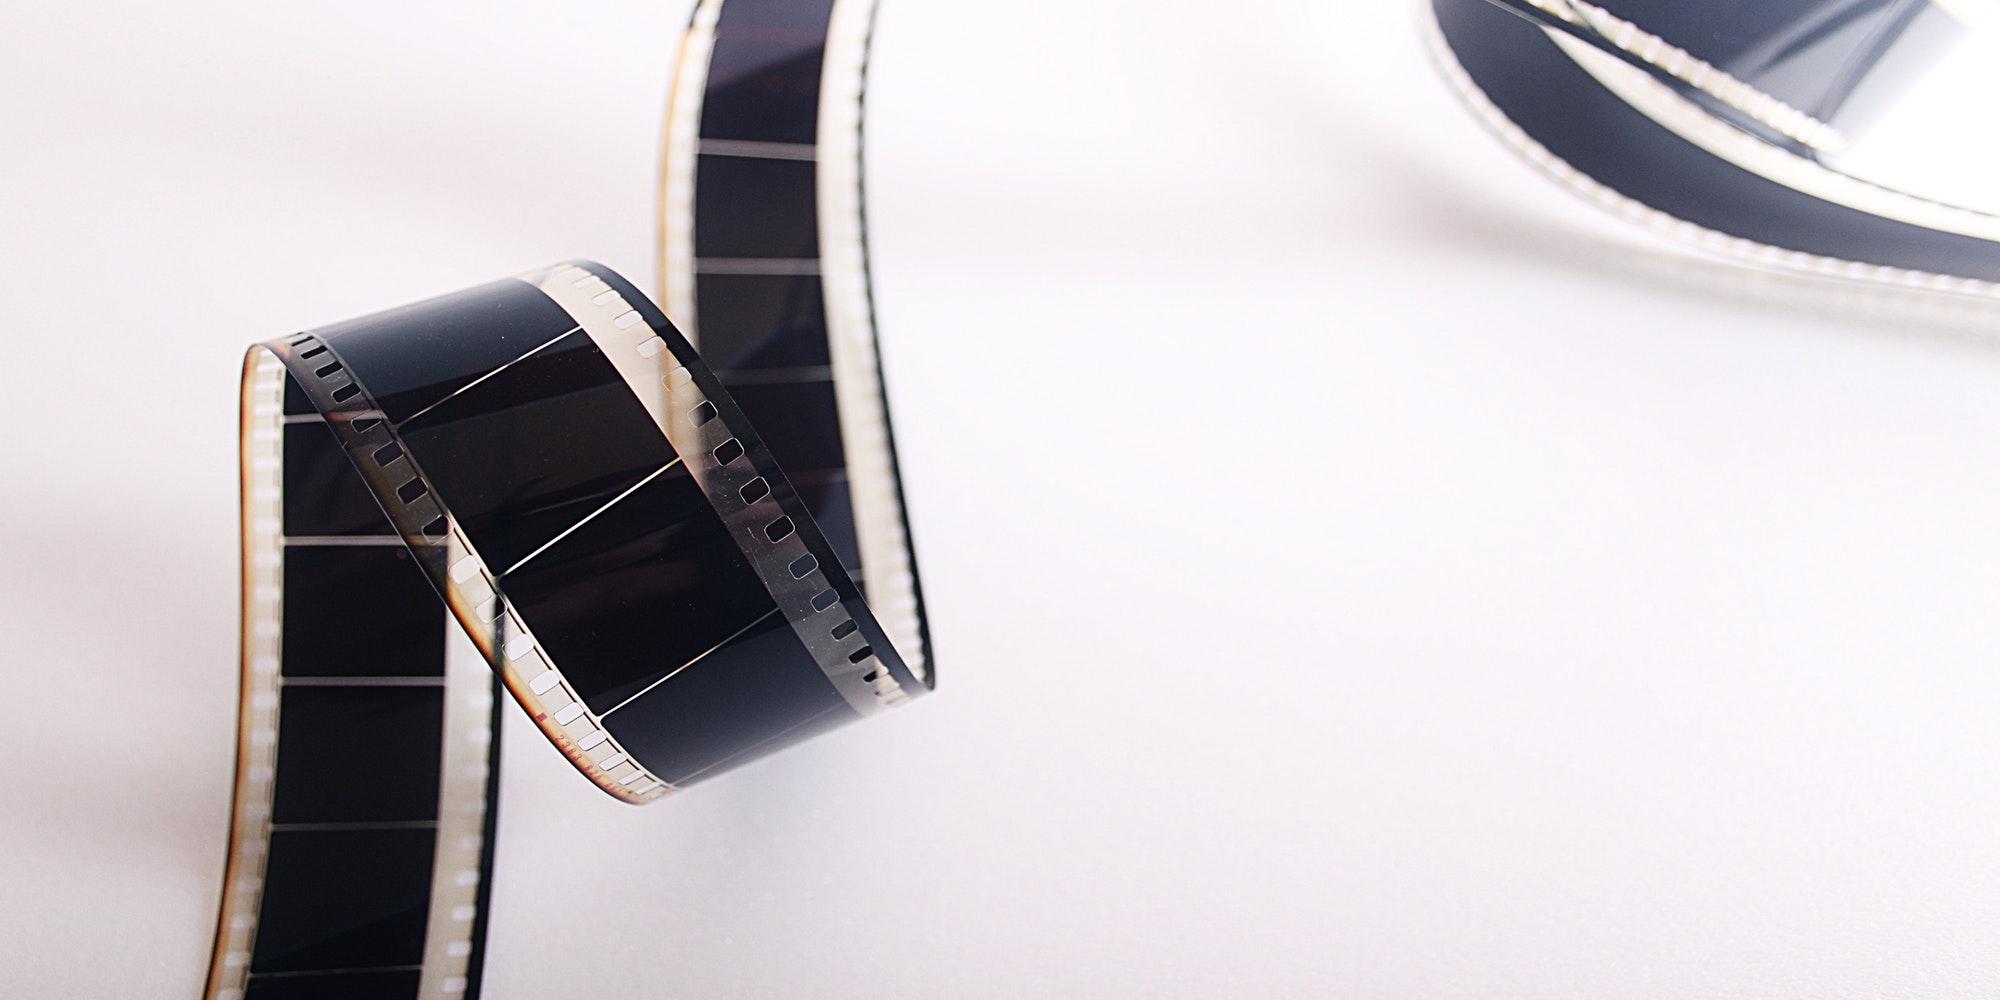 Filmovi koji vam mogu pomoći da postanete bolja verzija sebe